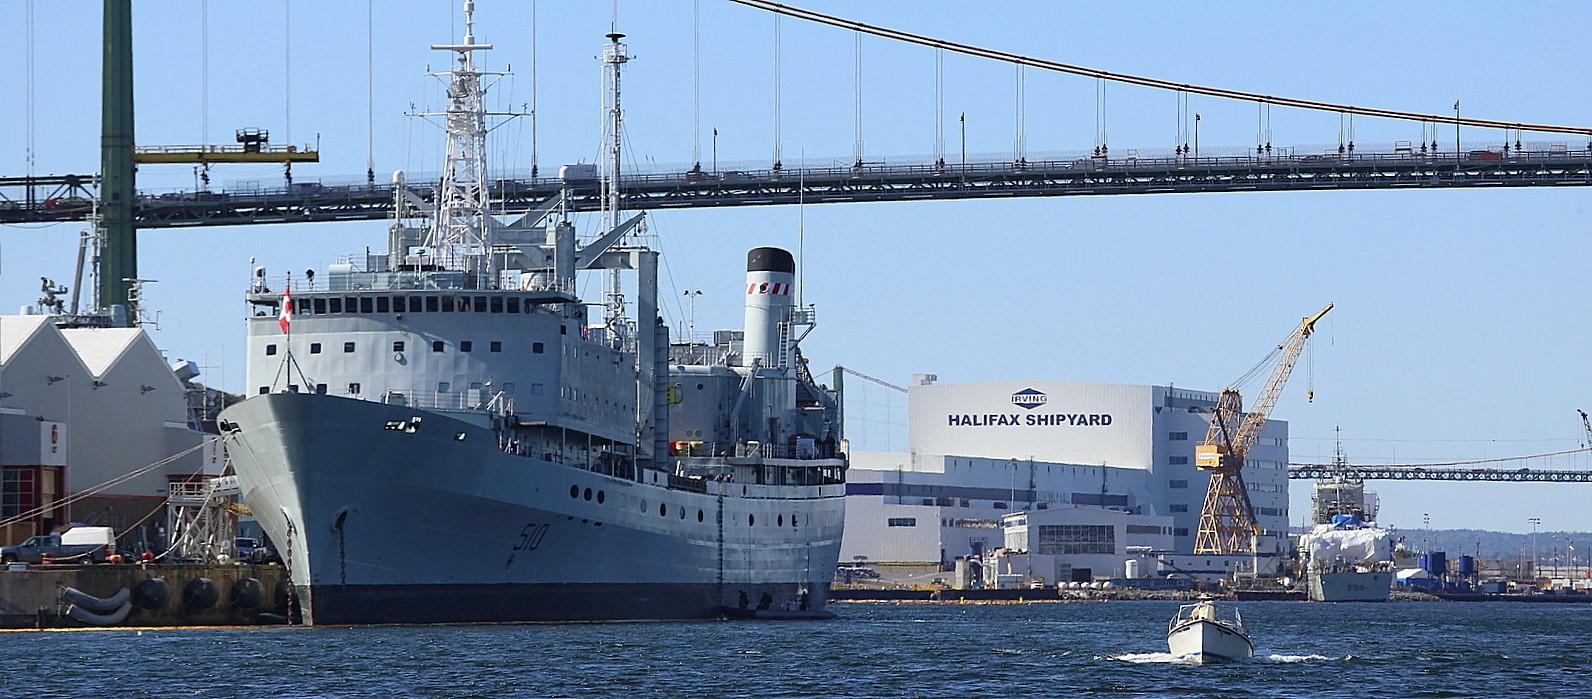 Halifax feature